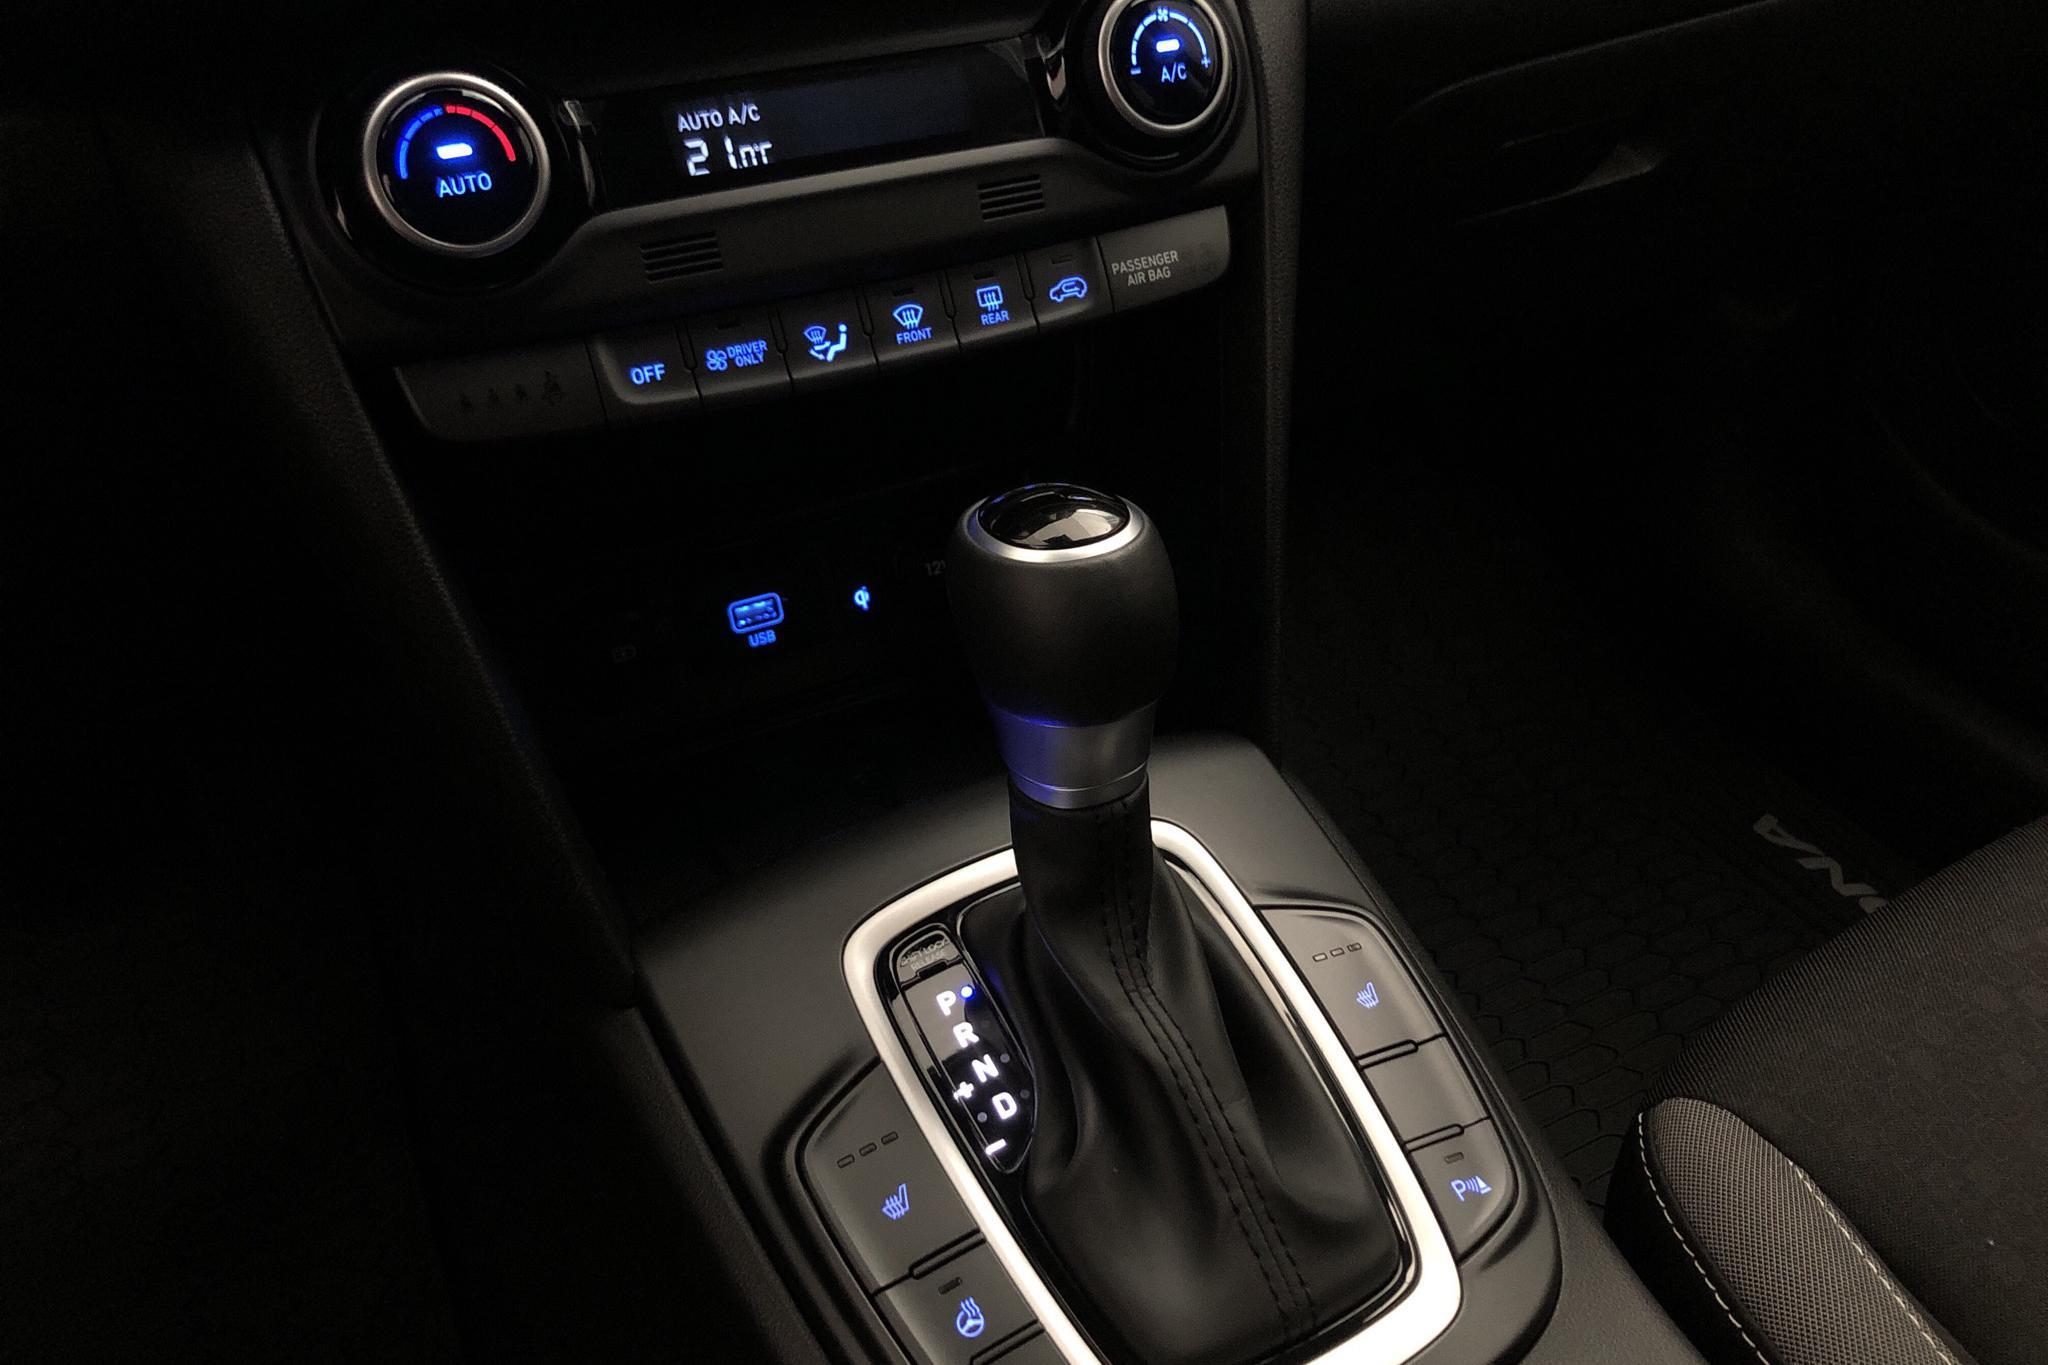 Hyundai Kona 1.6 GDI Hybrid (141hk) - 1 479 mil - Automat - vit - 2020